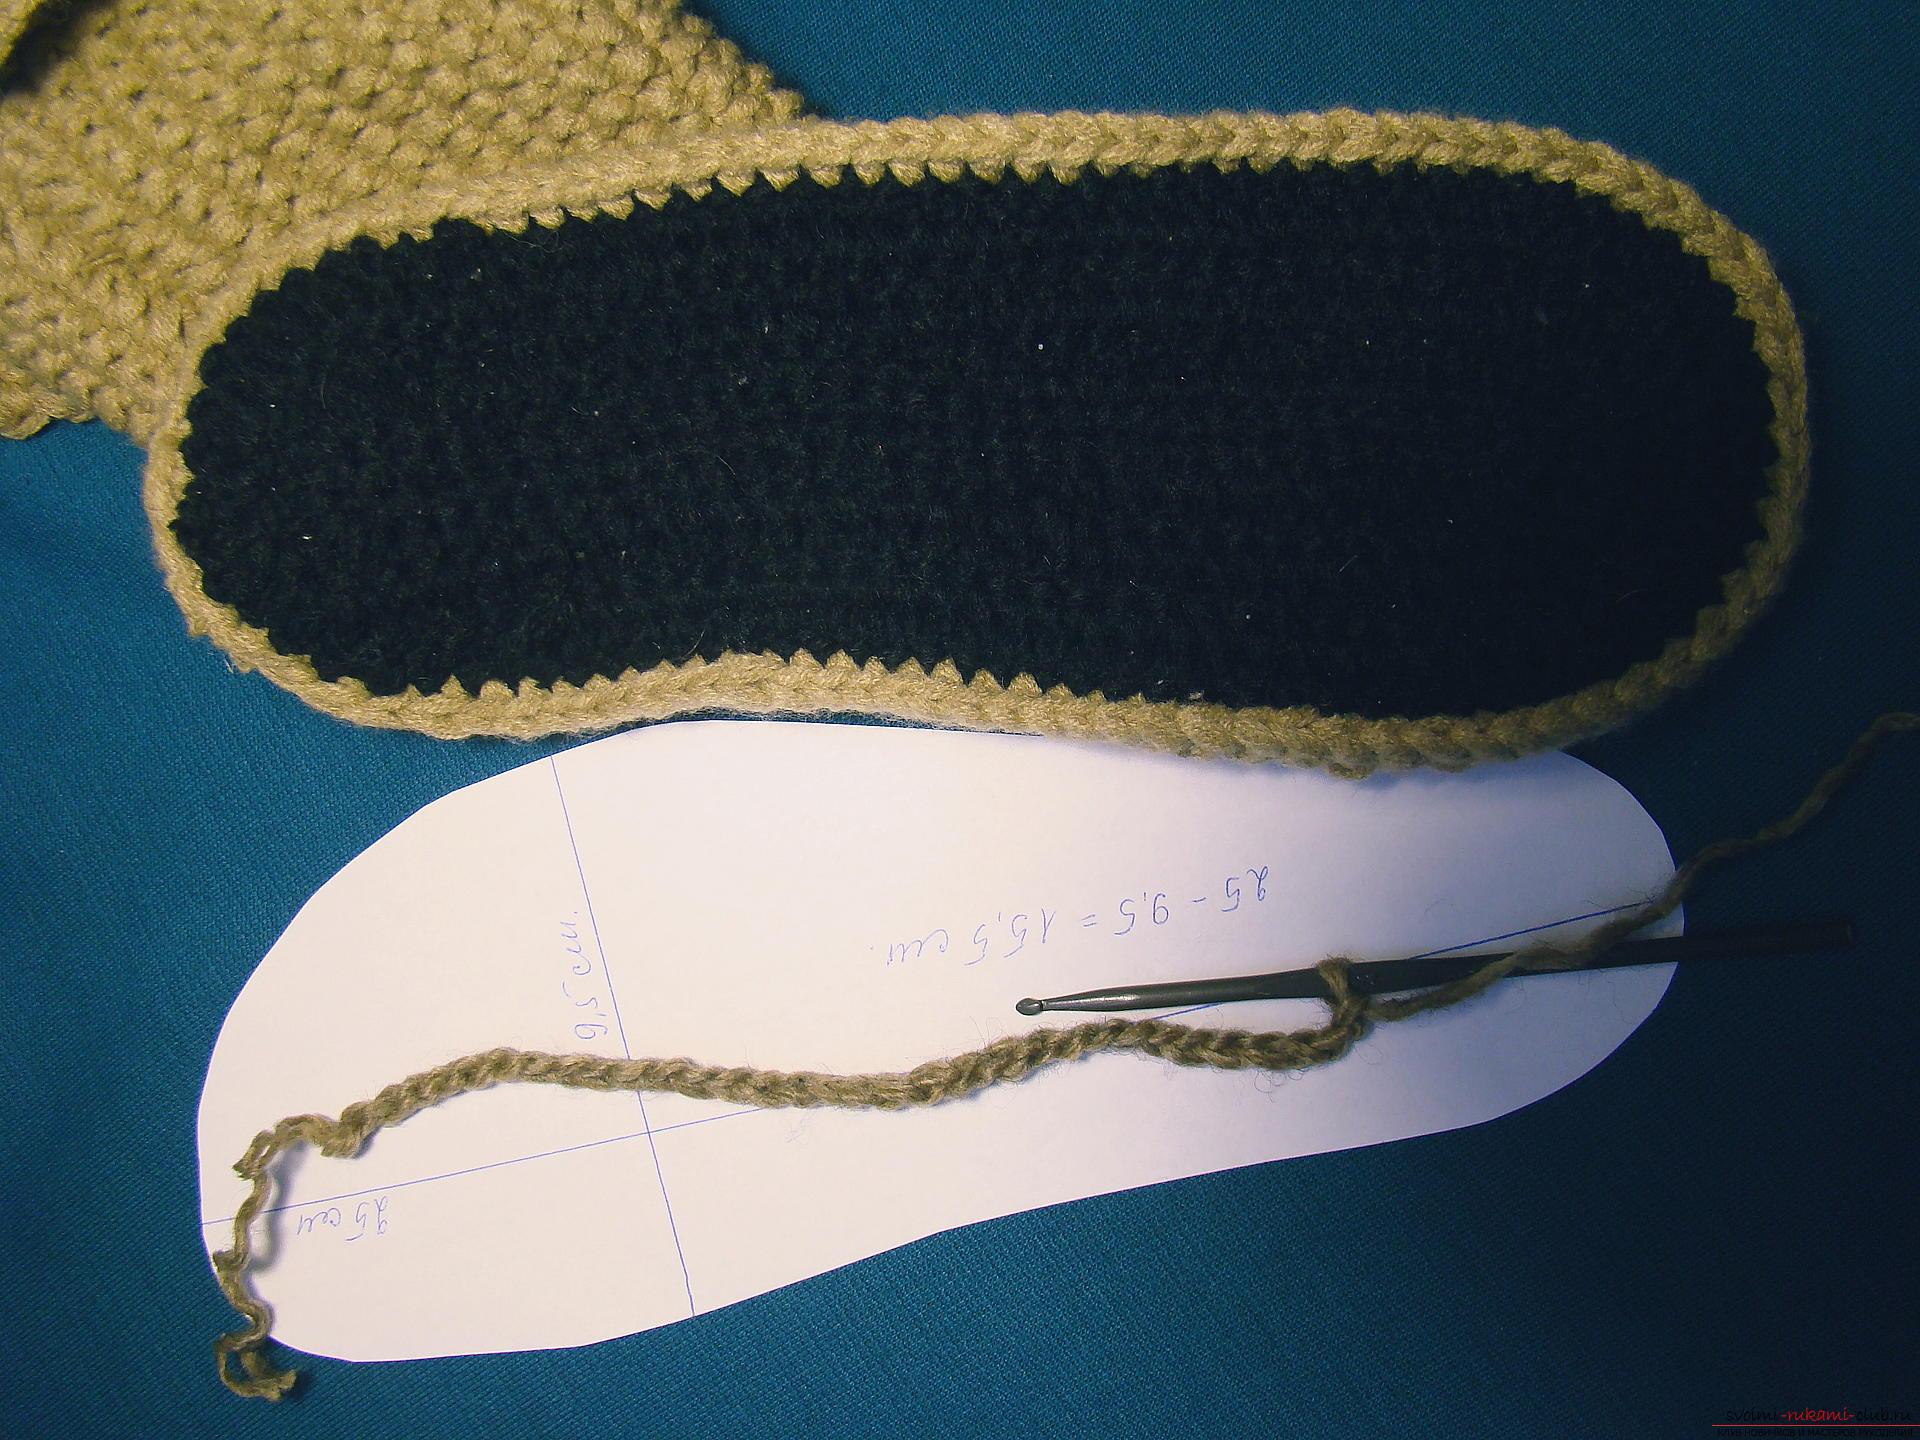 Этот подробный мастер-класс вязания спицами со схемой и описанием расскажет как связать своими руками сапожки Мудрая сова